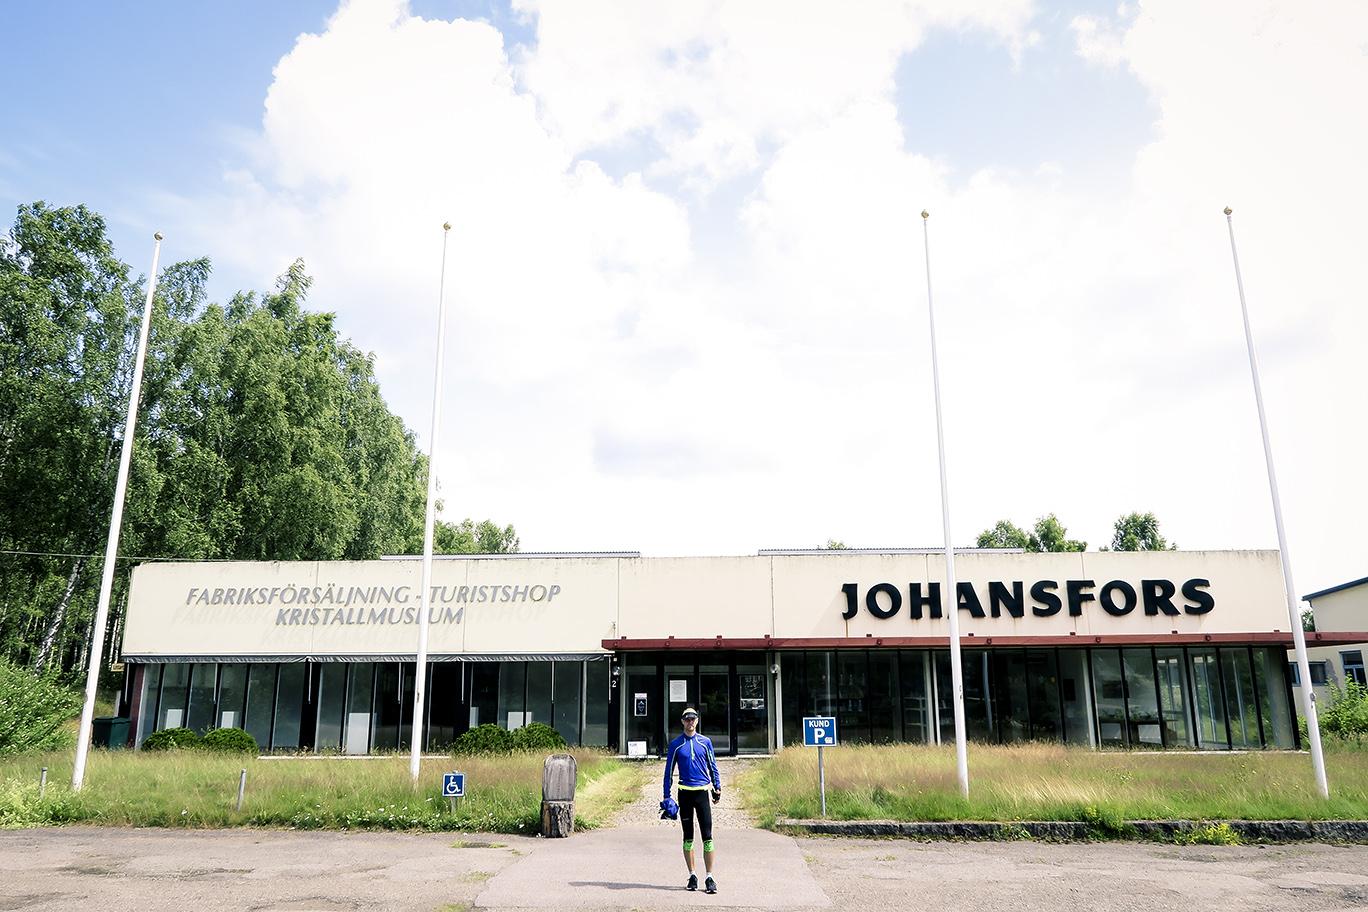 Stampaleden Johansfors www.traningsgladje.se